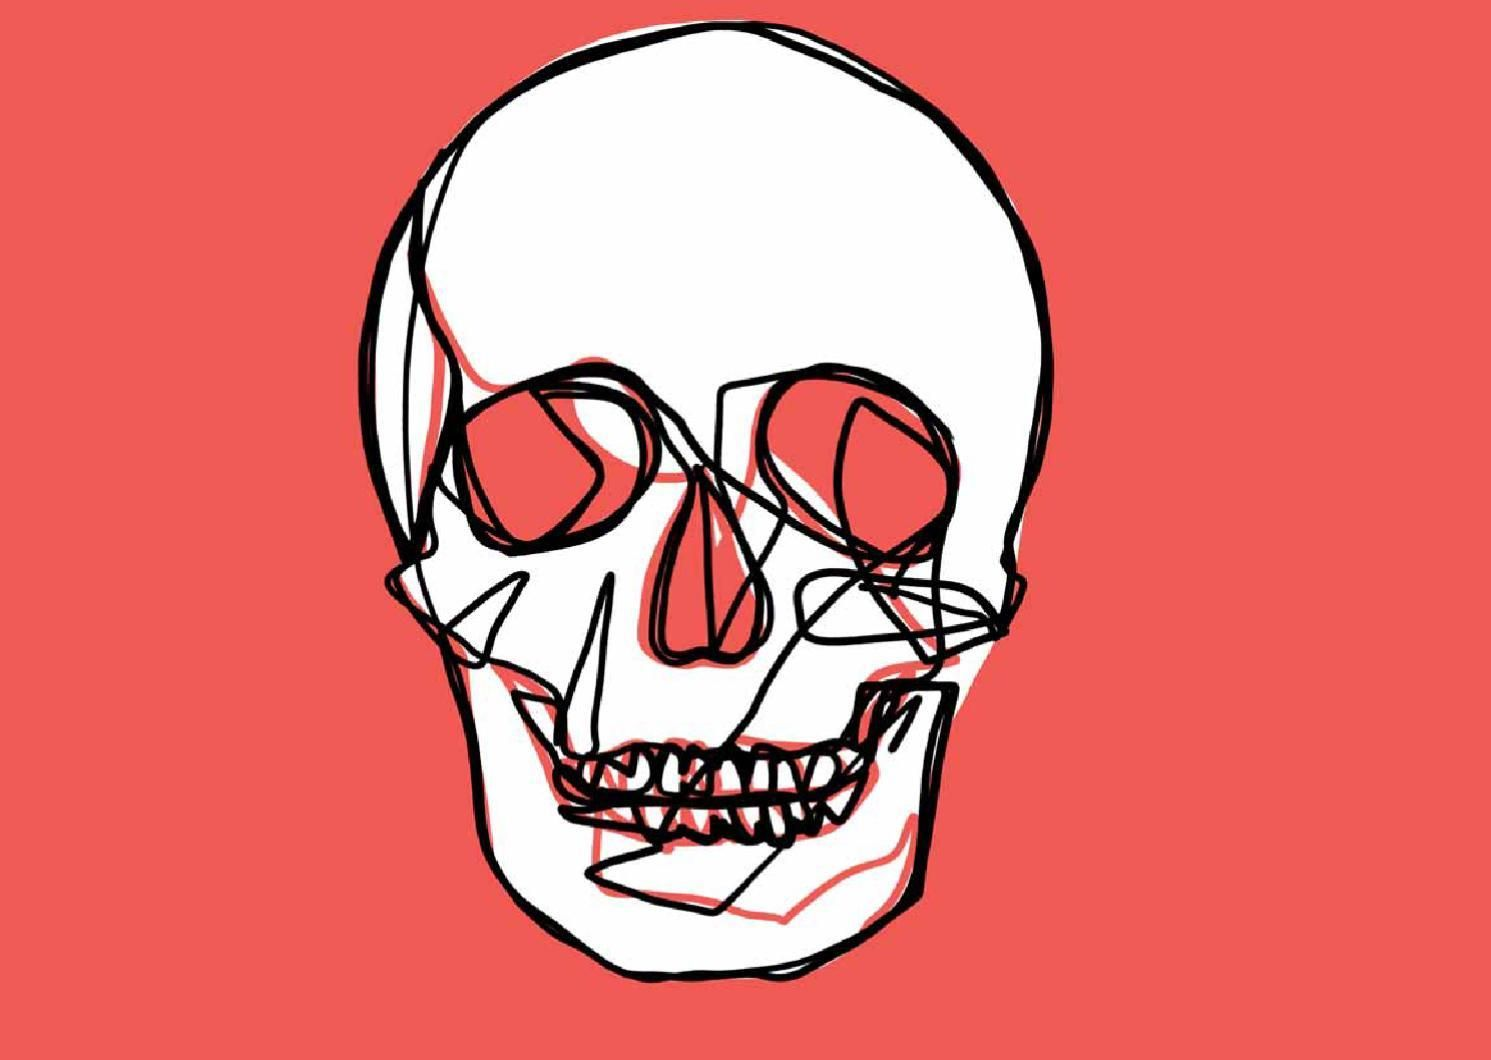 Skulls Digitalianart Skull Illustration Skulls Drawing Skull Stencil